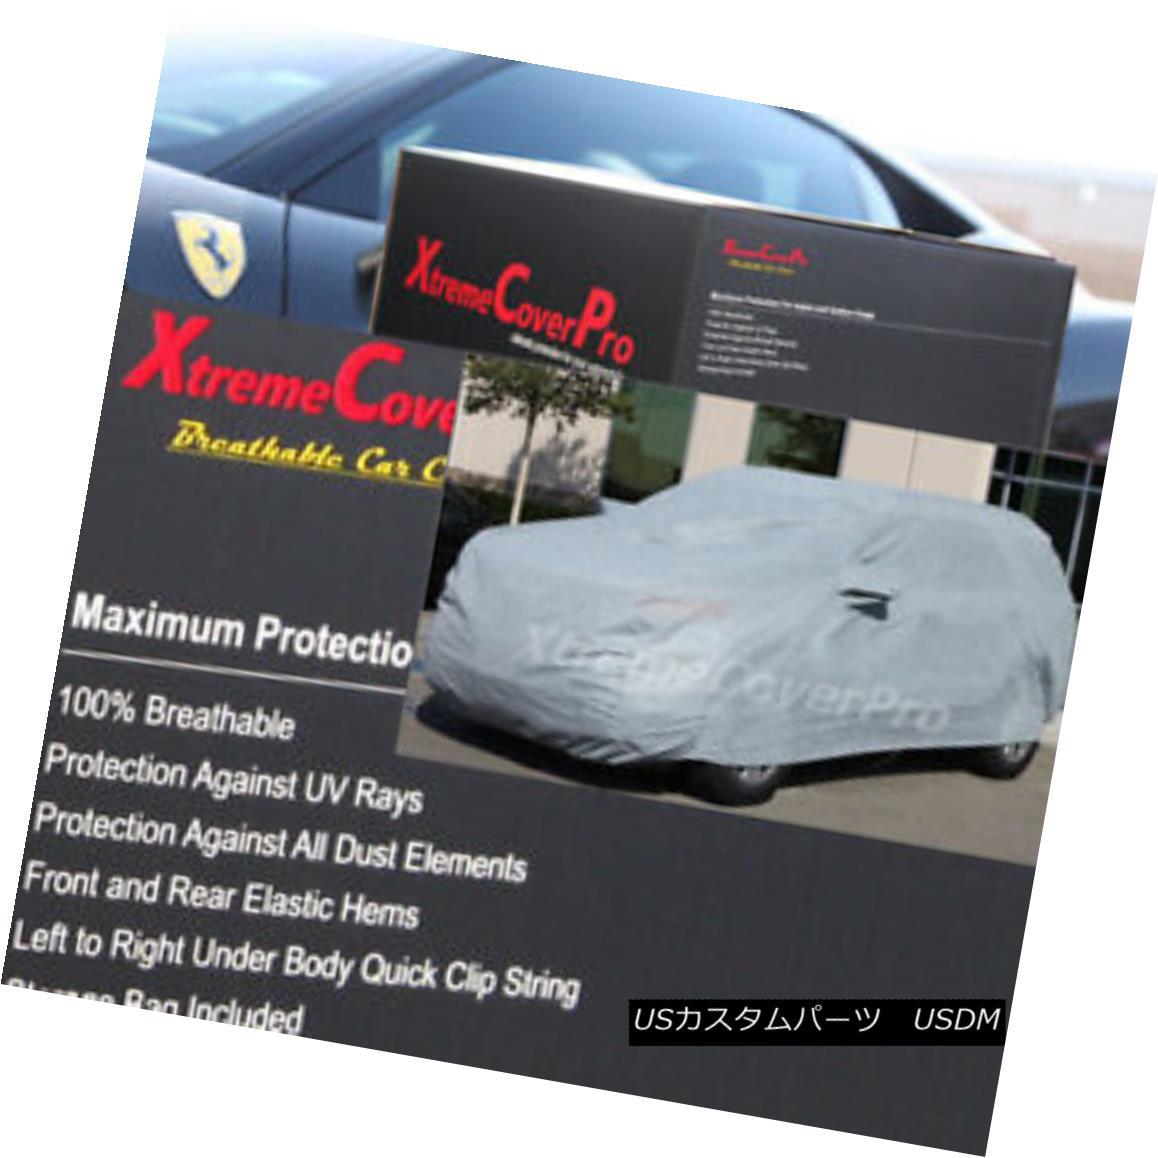 カーカバー 2011 2012 Mitsubishi Outlander Sport Breathable Car Cover w/MirrorPocket 2011年2012年三菱アウトランダースポーツ通気性車カバー付きMirrorPocket